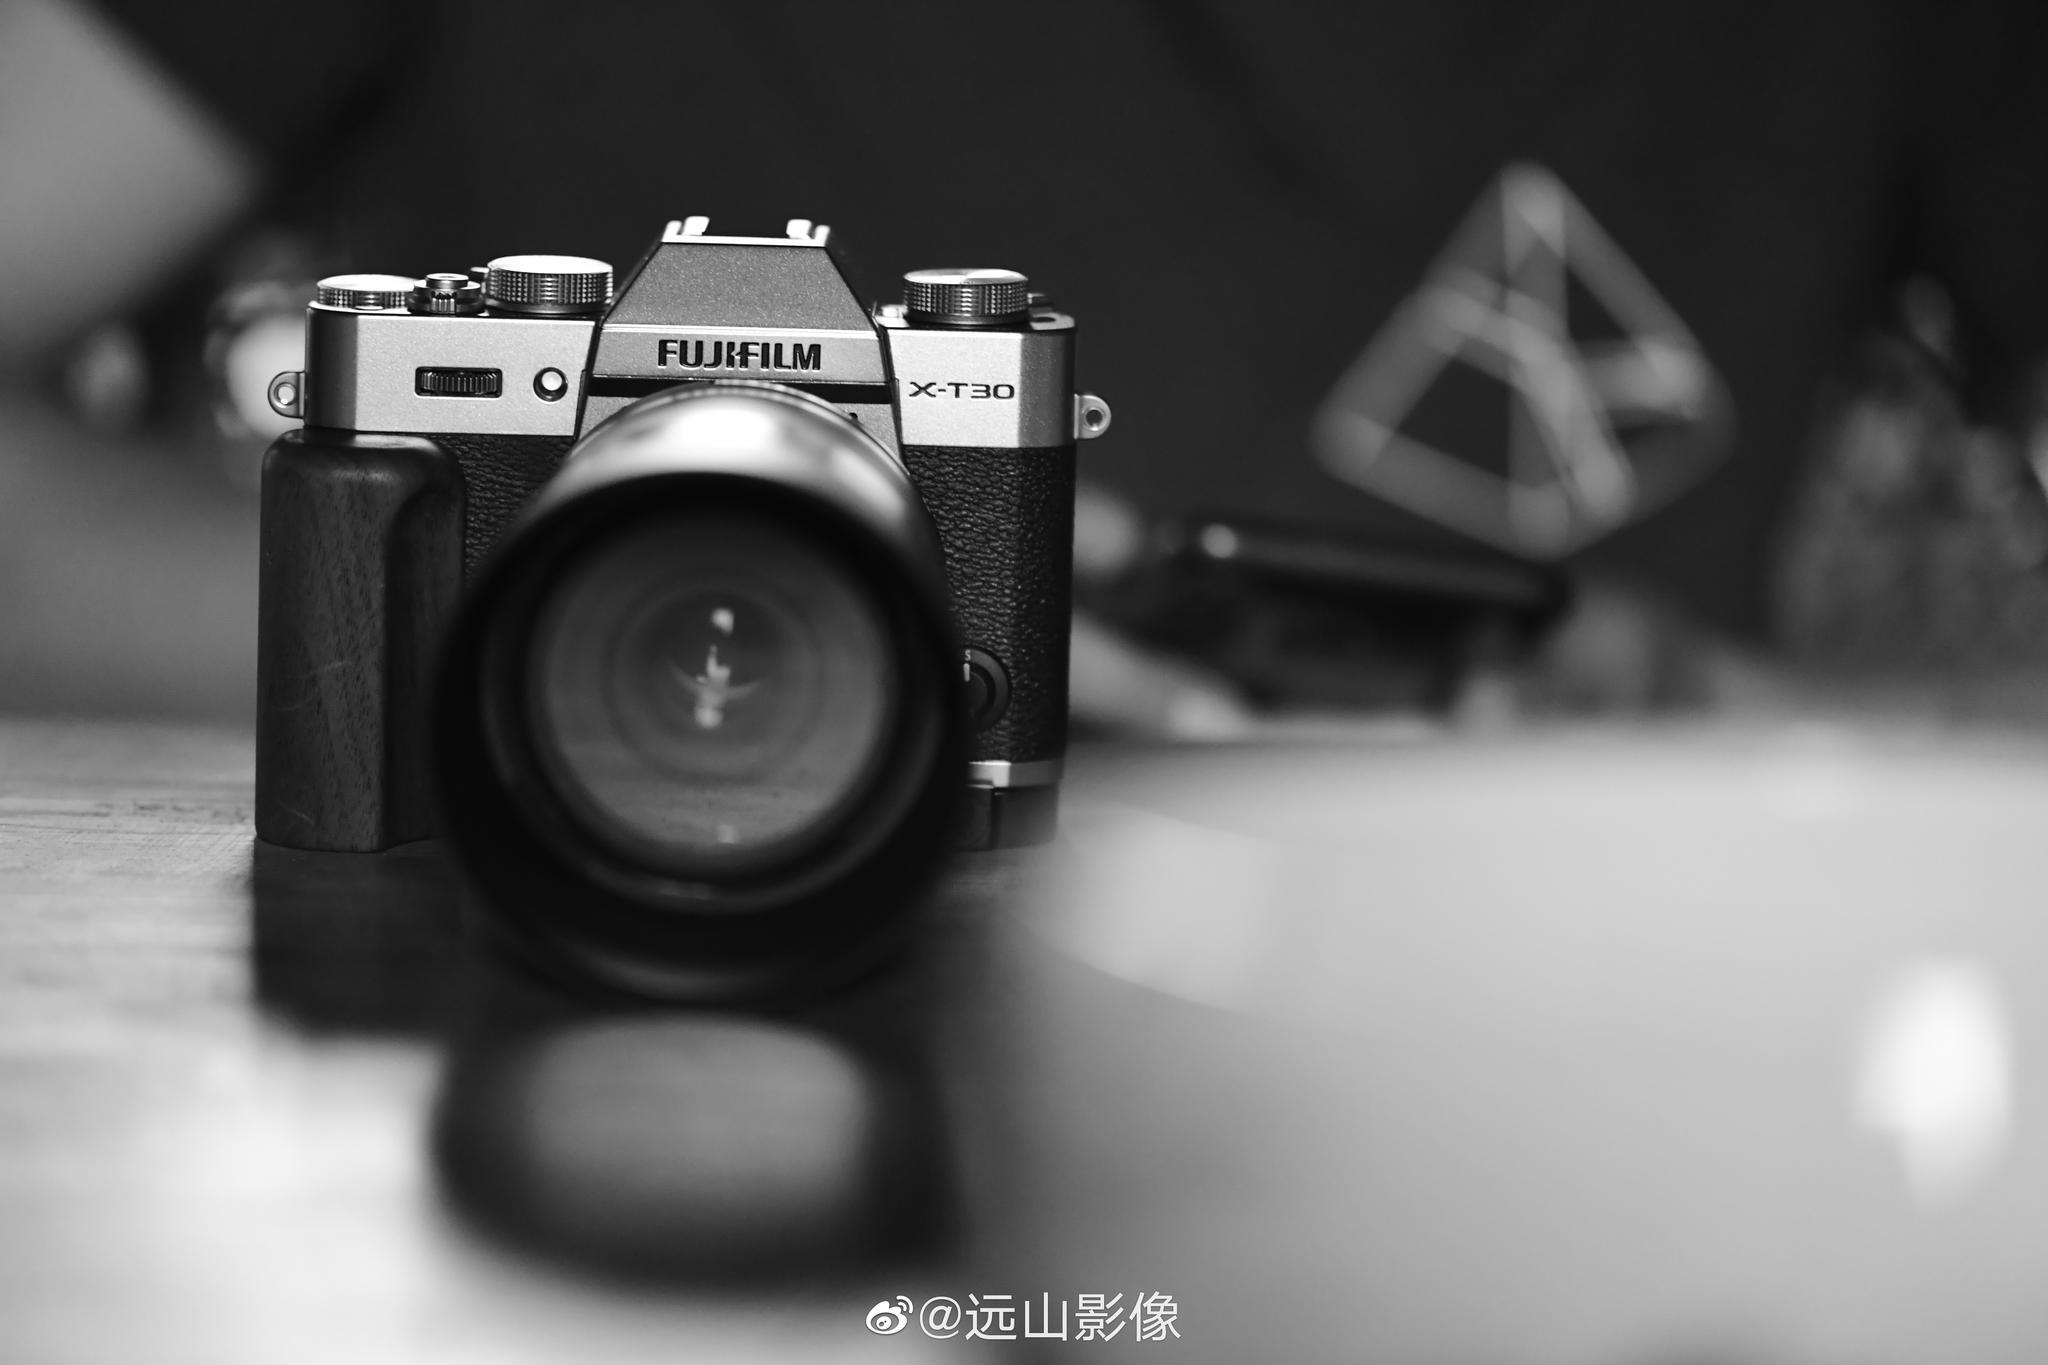 纪录手艺之美/ 景德镇摄影私教课图记@真如堂